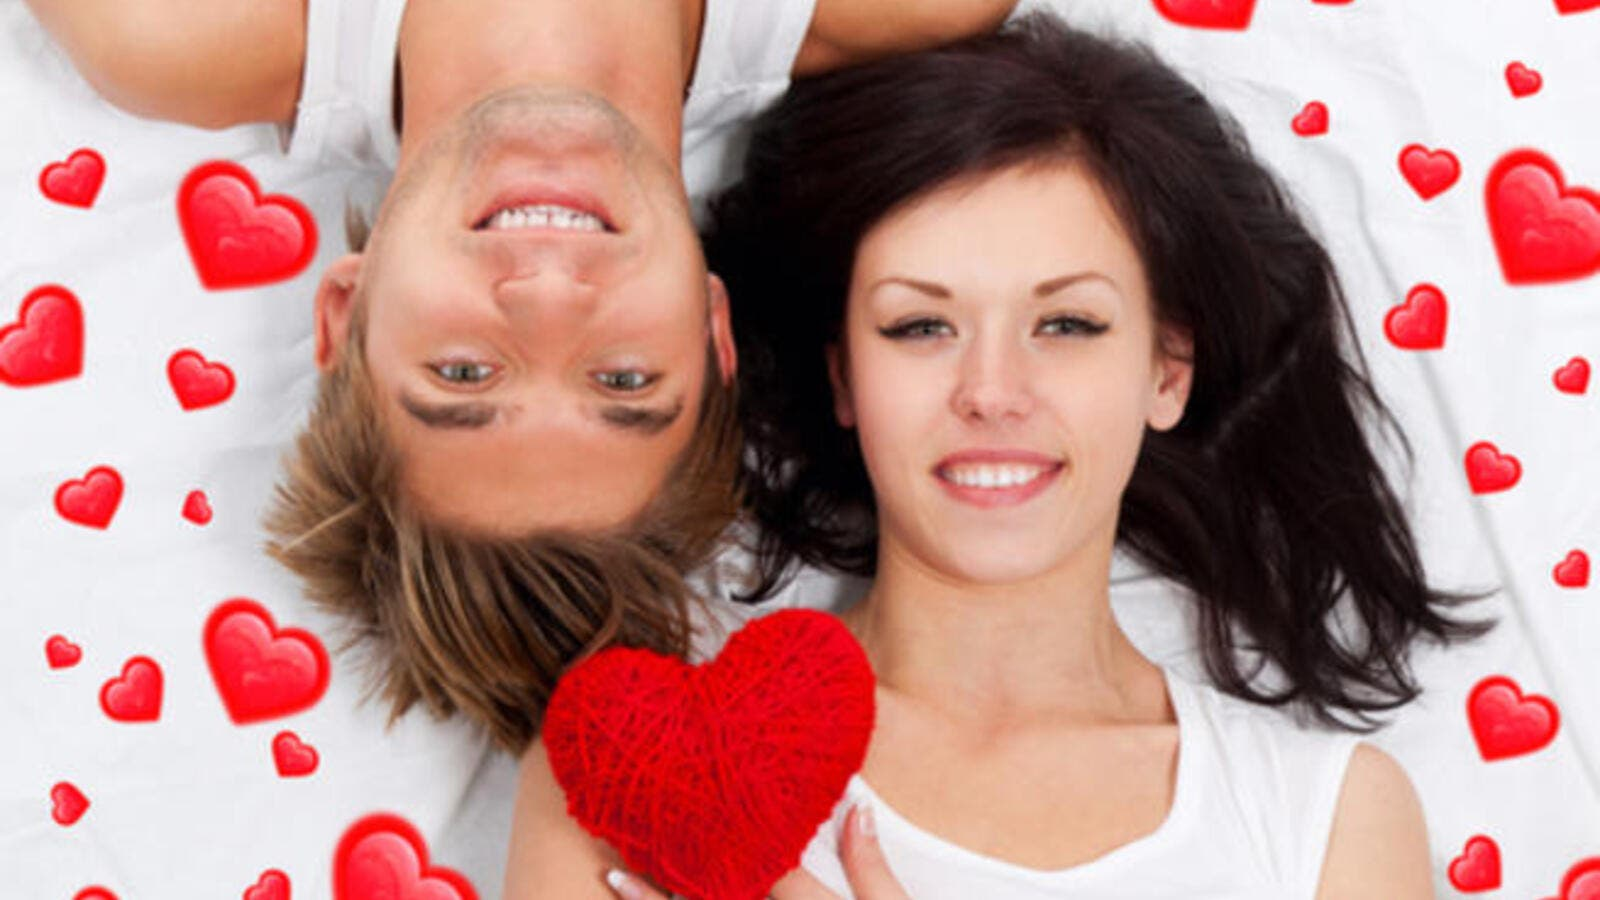 8339980e2908e حافظي على بريق علاقتكِ مع زوجكِ في عيد الحب بـ 8 نصائح